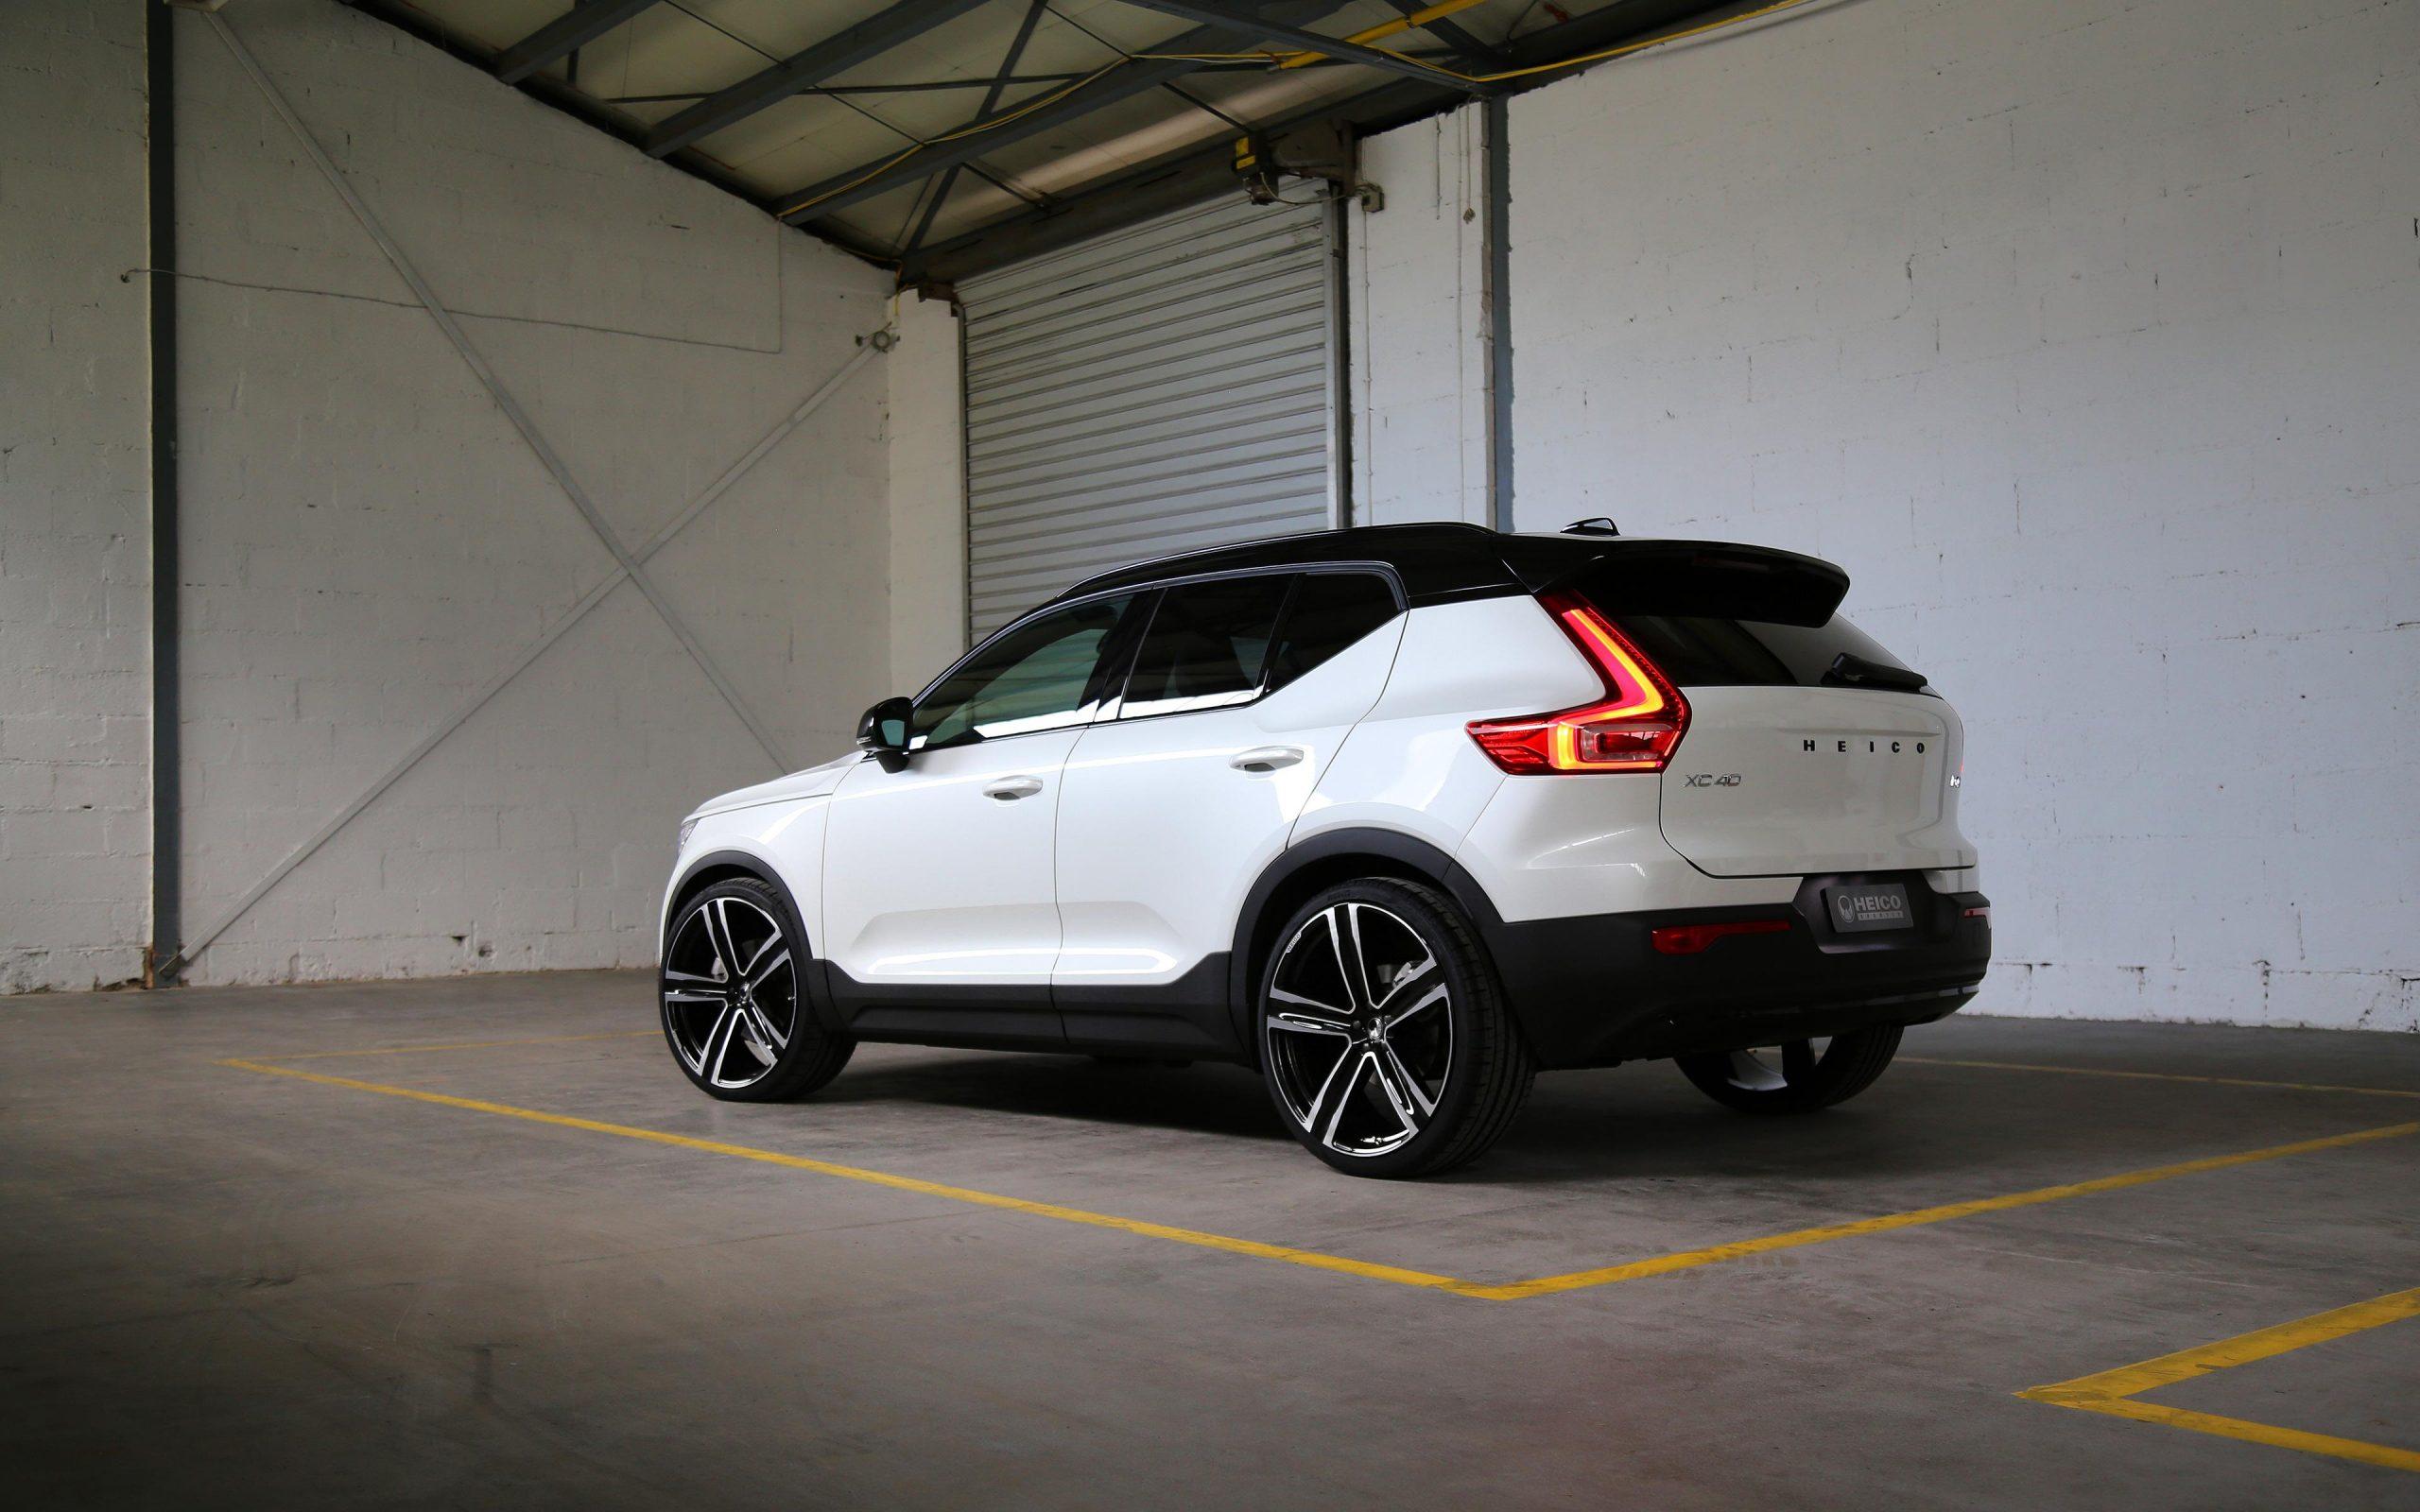 heico-sportiv-xc40-536-volution-v22-rear-2_1